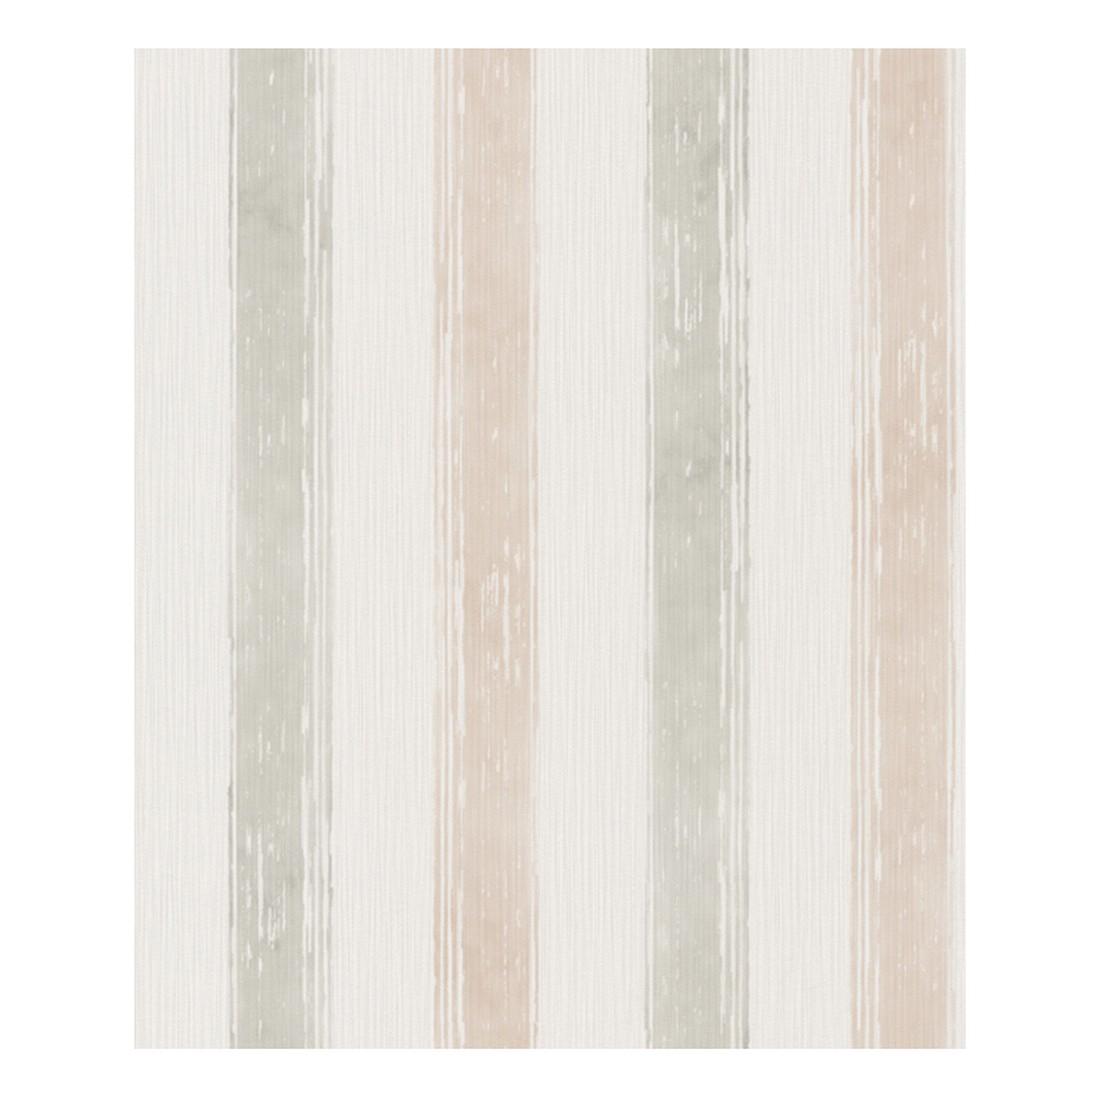 Tapete Flashing Up – beige, creme – fein strukturiert, Esprit Home günstig